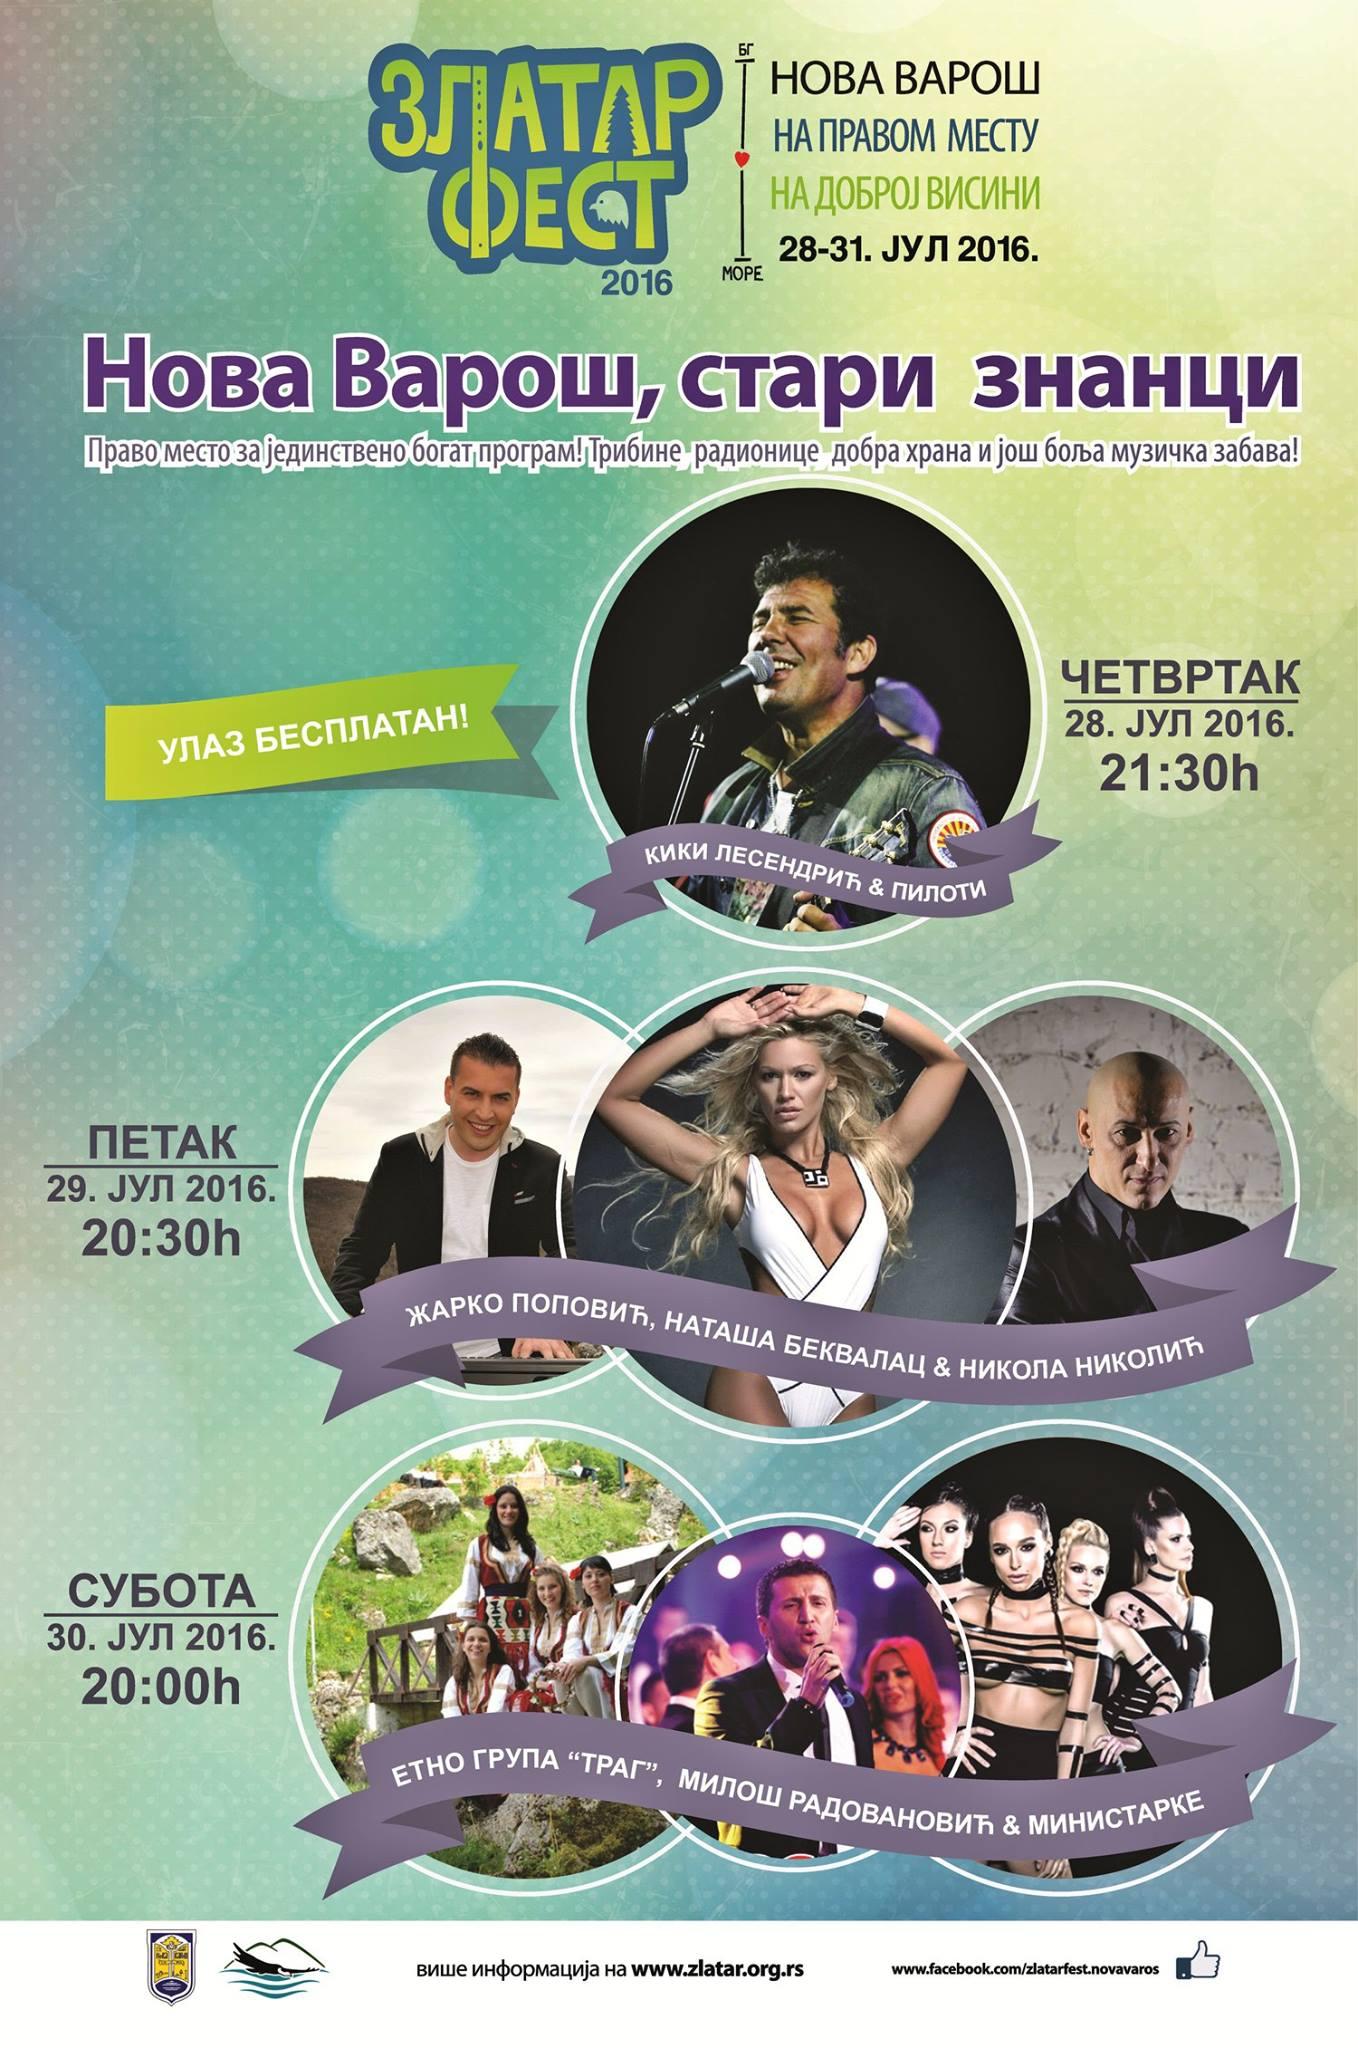 Zlatar fest plakat 2016